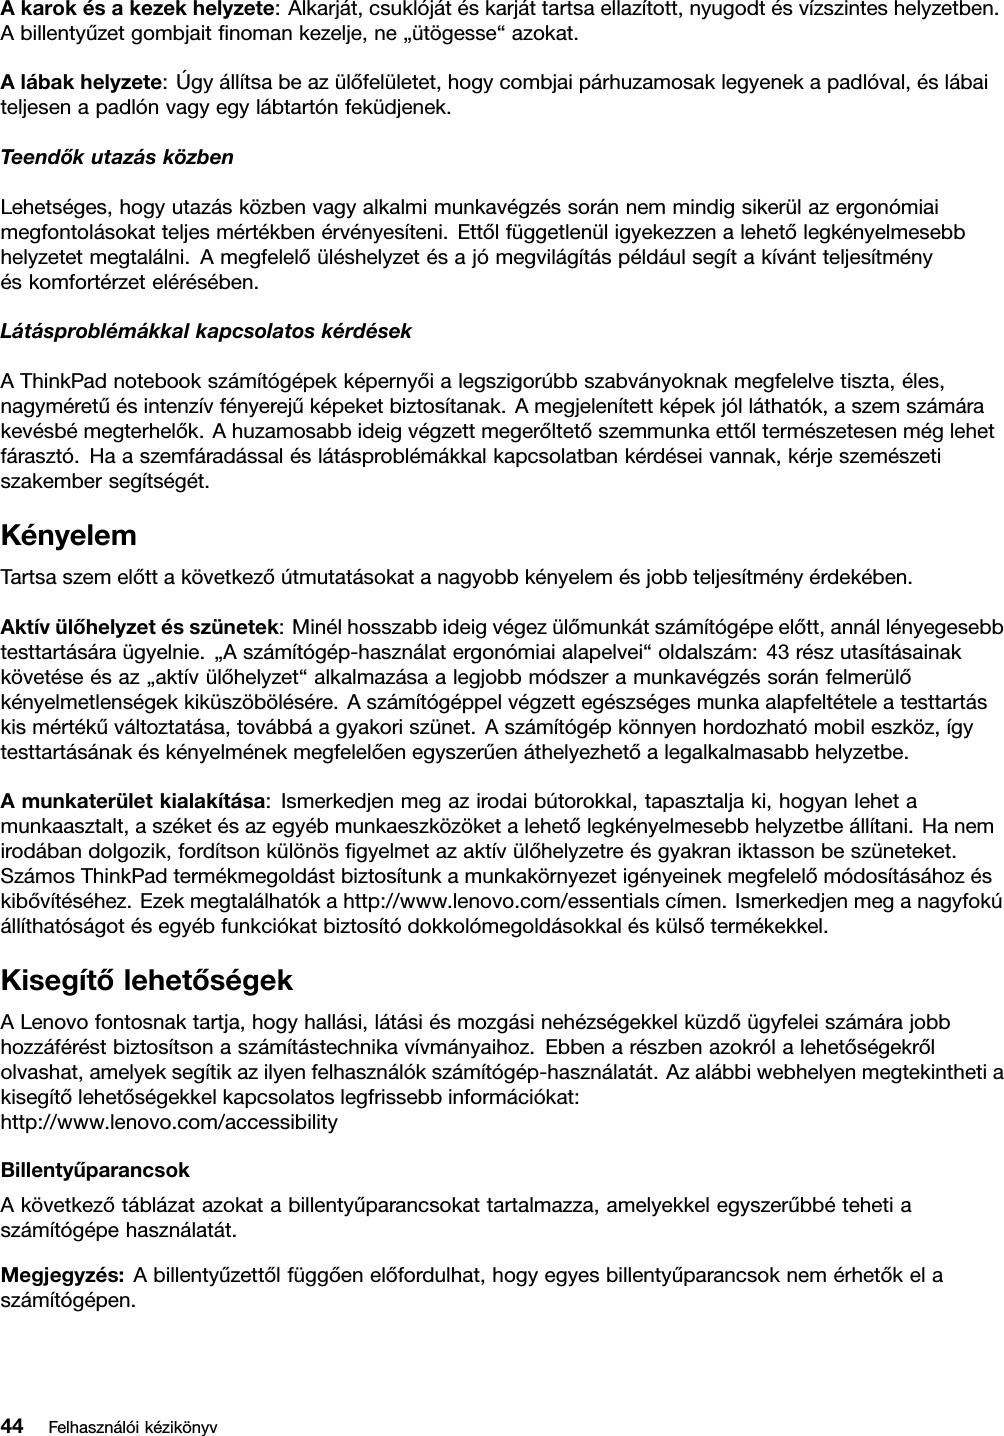 a látással kapcsolatos alapvető információk táblázata